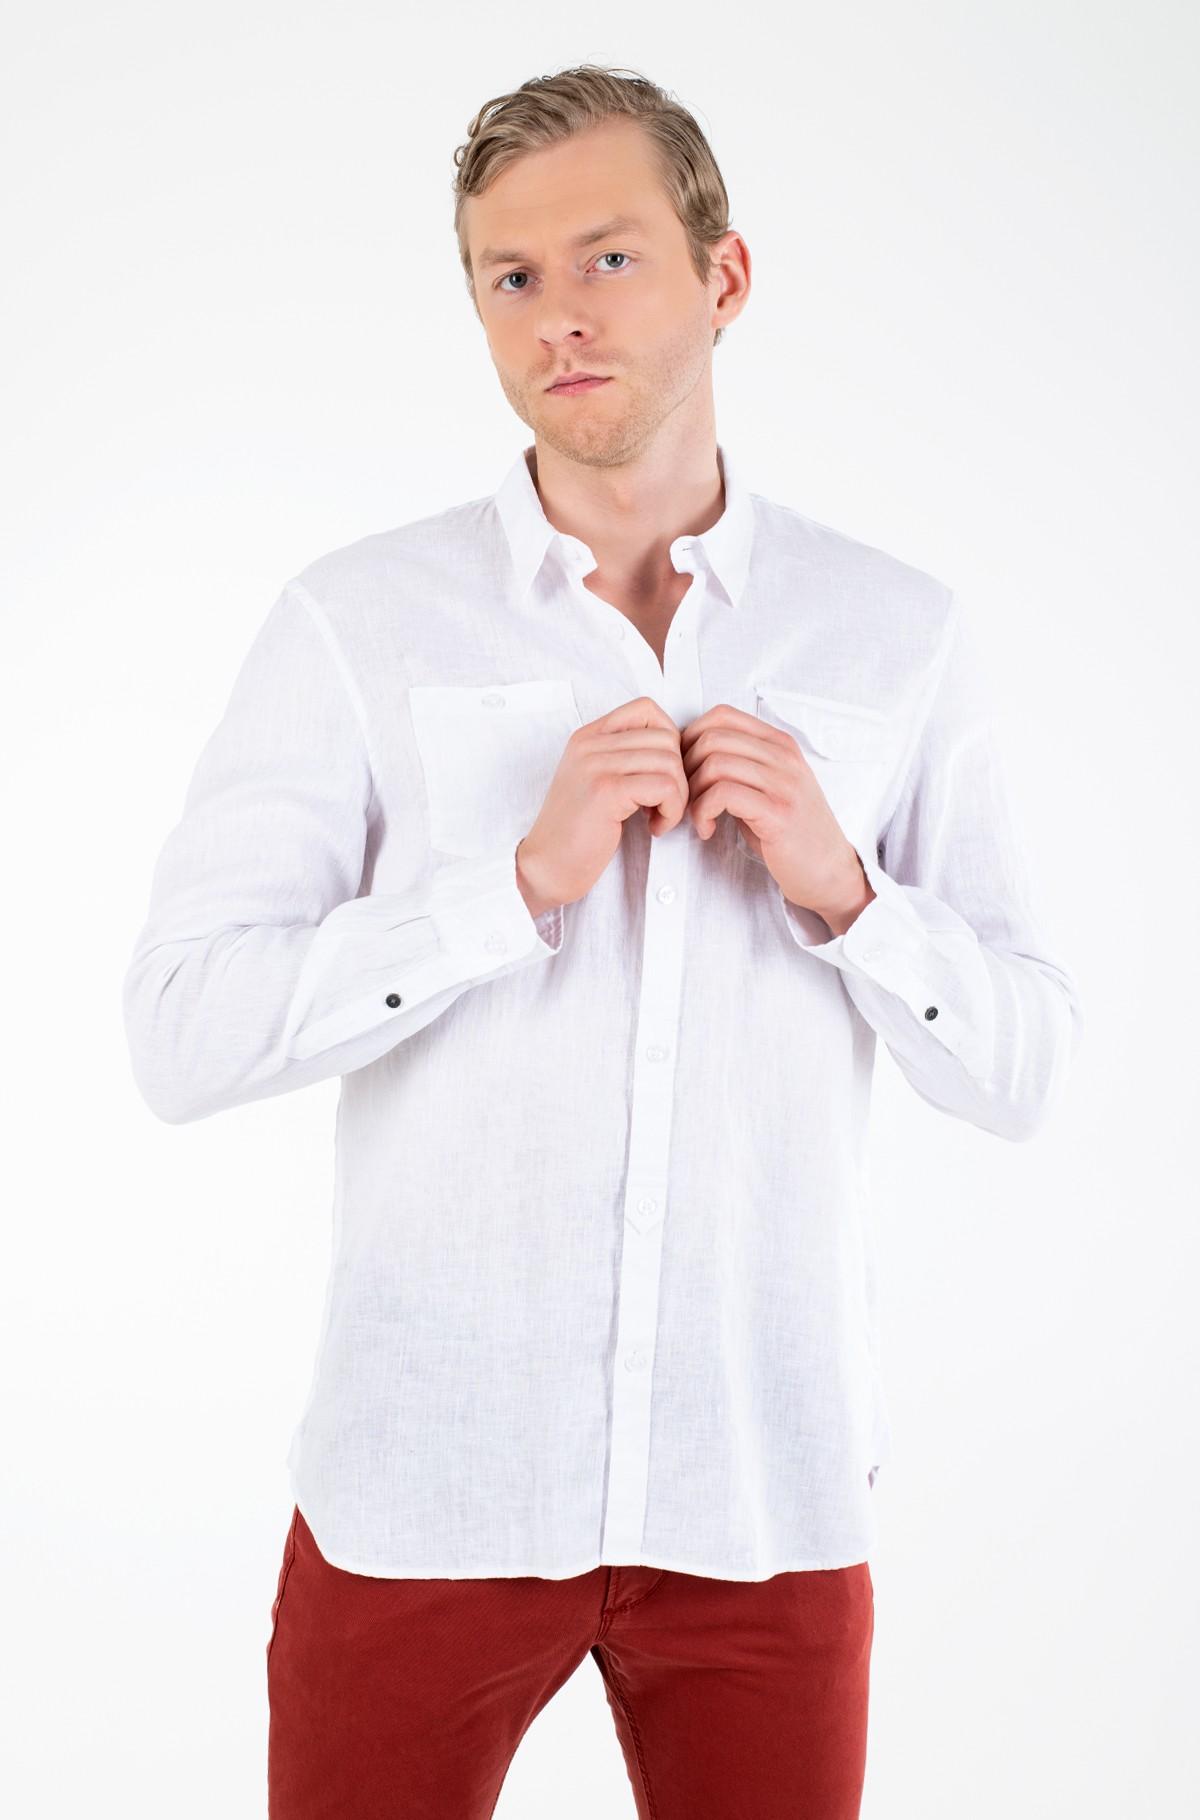 Lininiai marškiniai M02H46 WBGX0-full-1